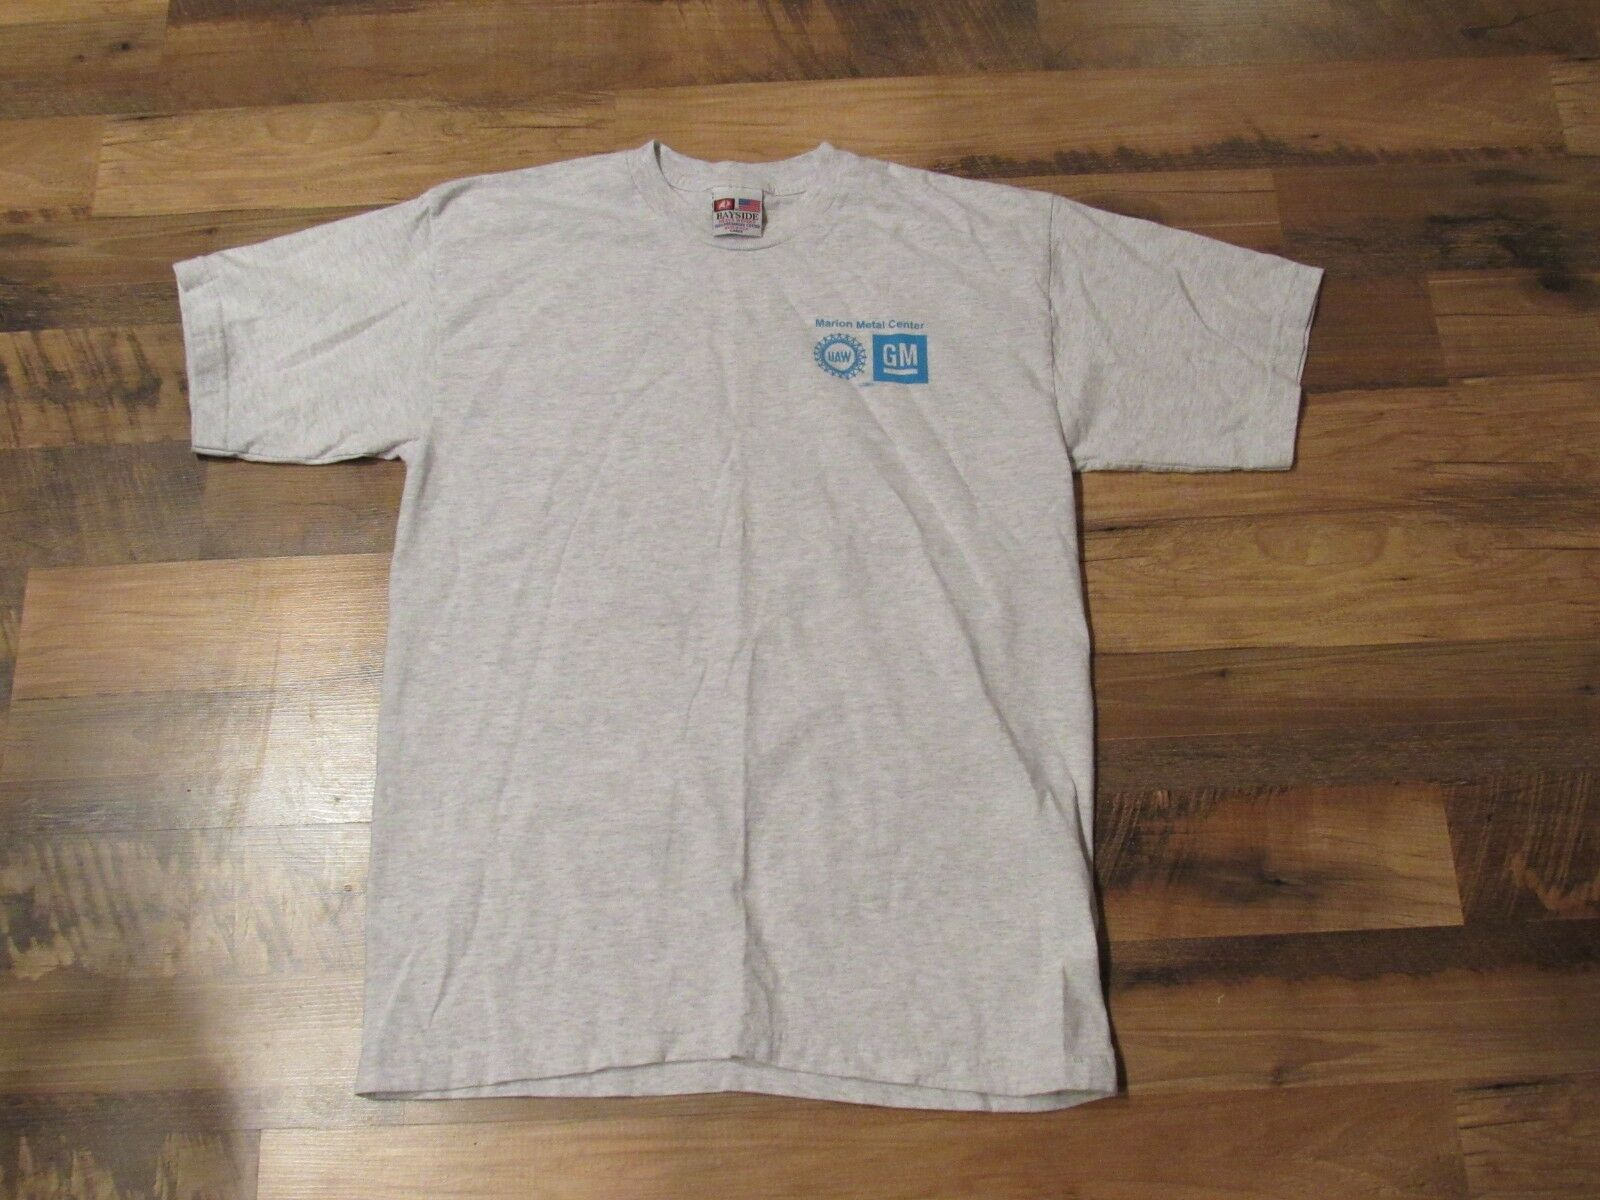 VTG Bayside T Shirt Größe L grau UAW General Motors Marion Metal Center GM Cars